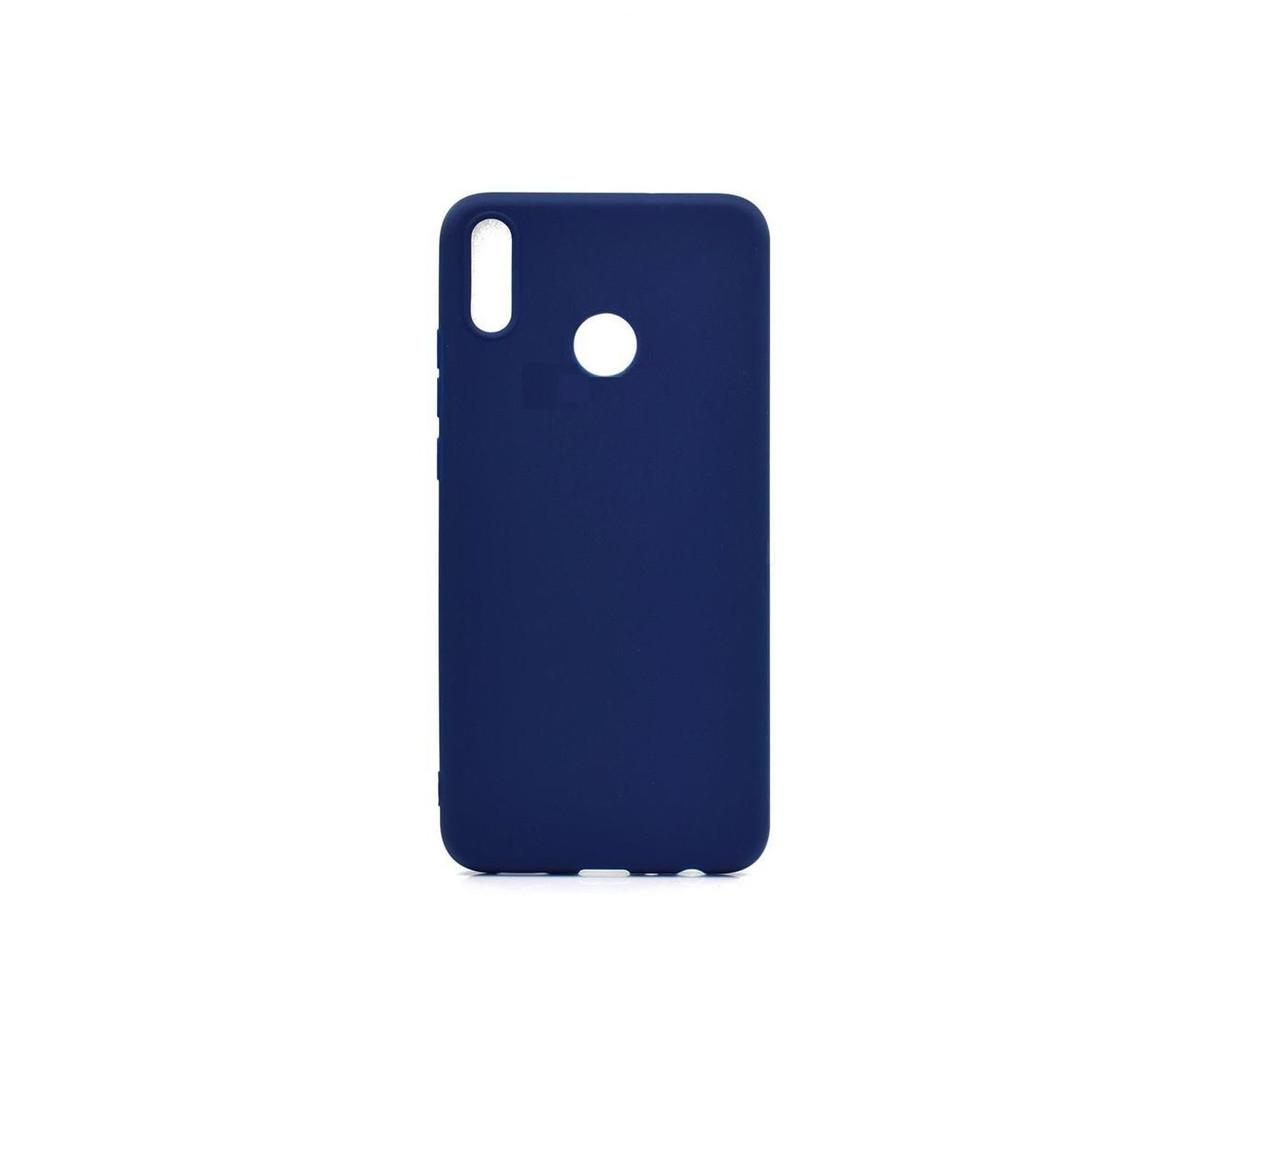 Чехол Candy Silicone для Huawei Honor 8X цвет Синий